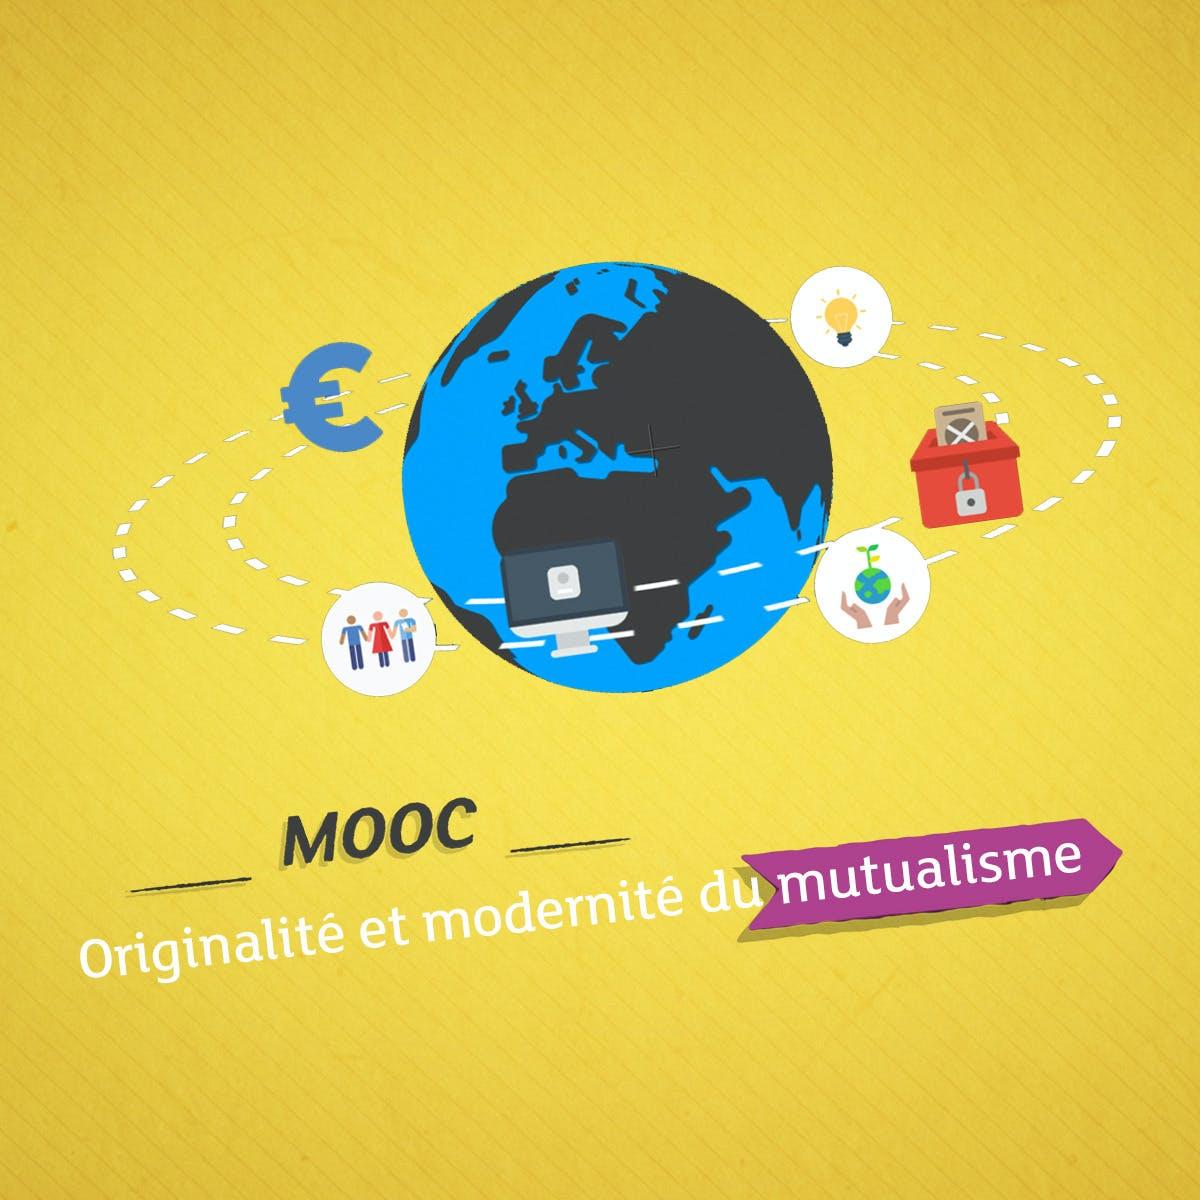 Originalité et modernité du mutualisme